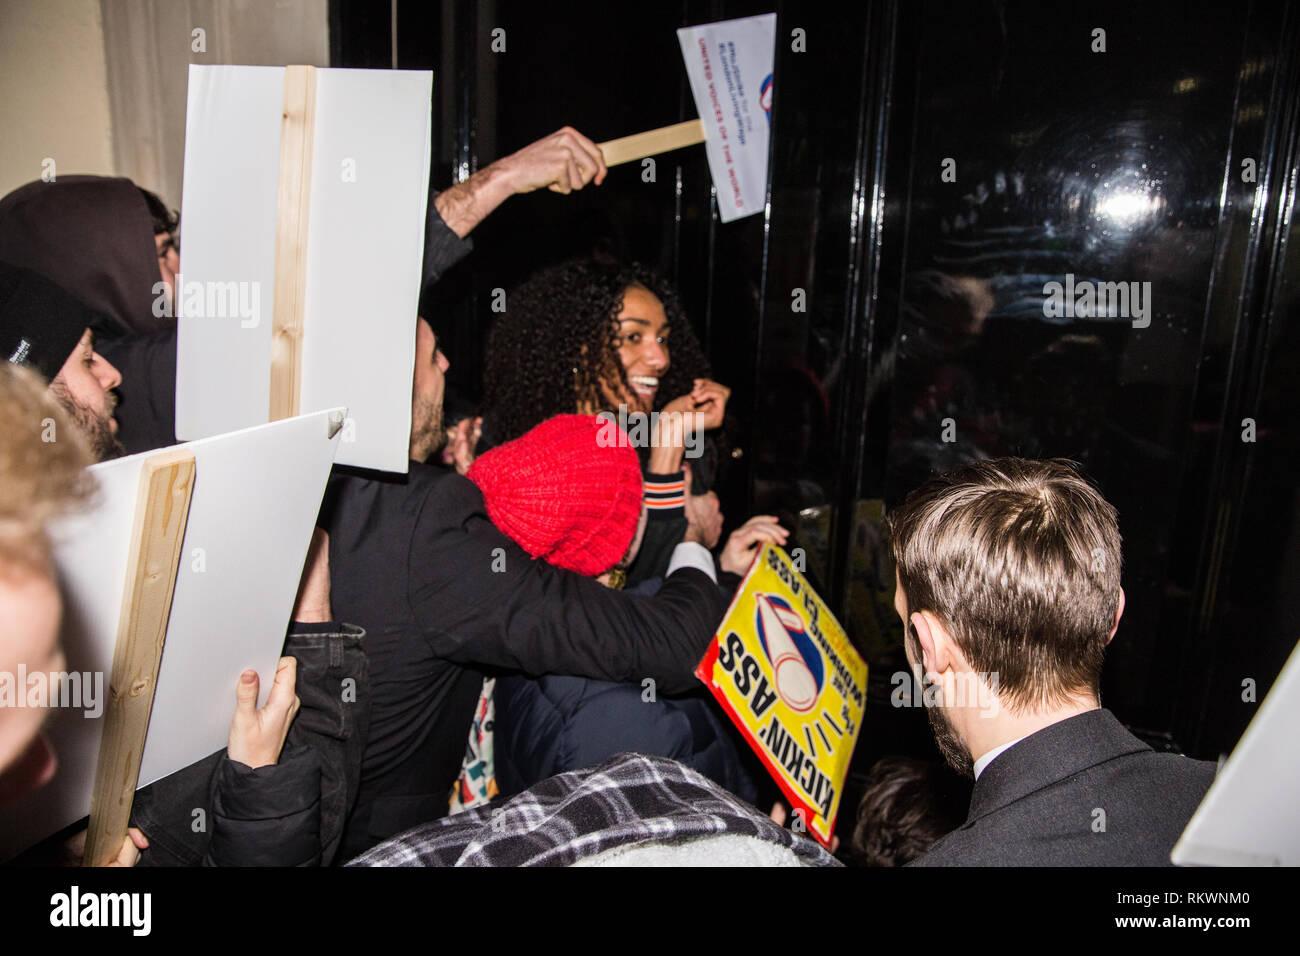 London, Großbritannien. 12 Feb, 2019. Mitglieder und Unterstützer von lokalen Gewerkschaft United Stimmen der Welt versuchen, Sturm 71 Pall Mall, wo die Gerechtigkeit Sekretär David Gauke wurde während eines Protestes gegen seine Weigerung der London existenzsichernde Löhne zu zahlen und Jahresurlaub und Lohnfortzahlung zu Reiniger, Sicherheitspersonal und an der Rezeption arbeiten im Ministerium der Justiz, die alle in den Streik vor kurzem wurden zu sprechen. Credit: Mark Kerrison/Alamy leben Nachrichten Stockbild